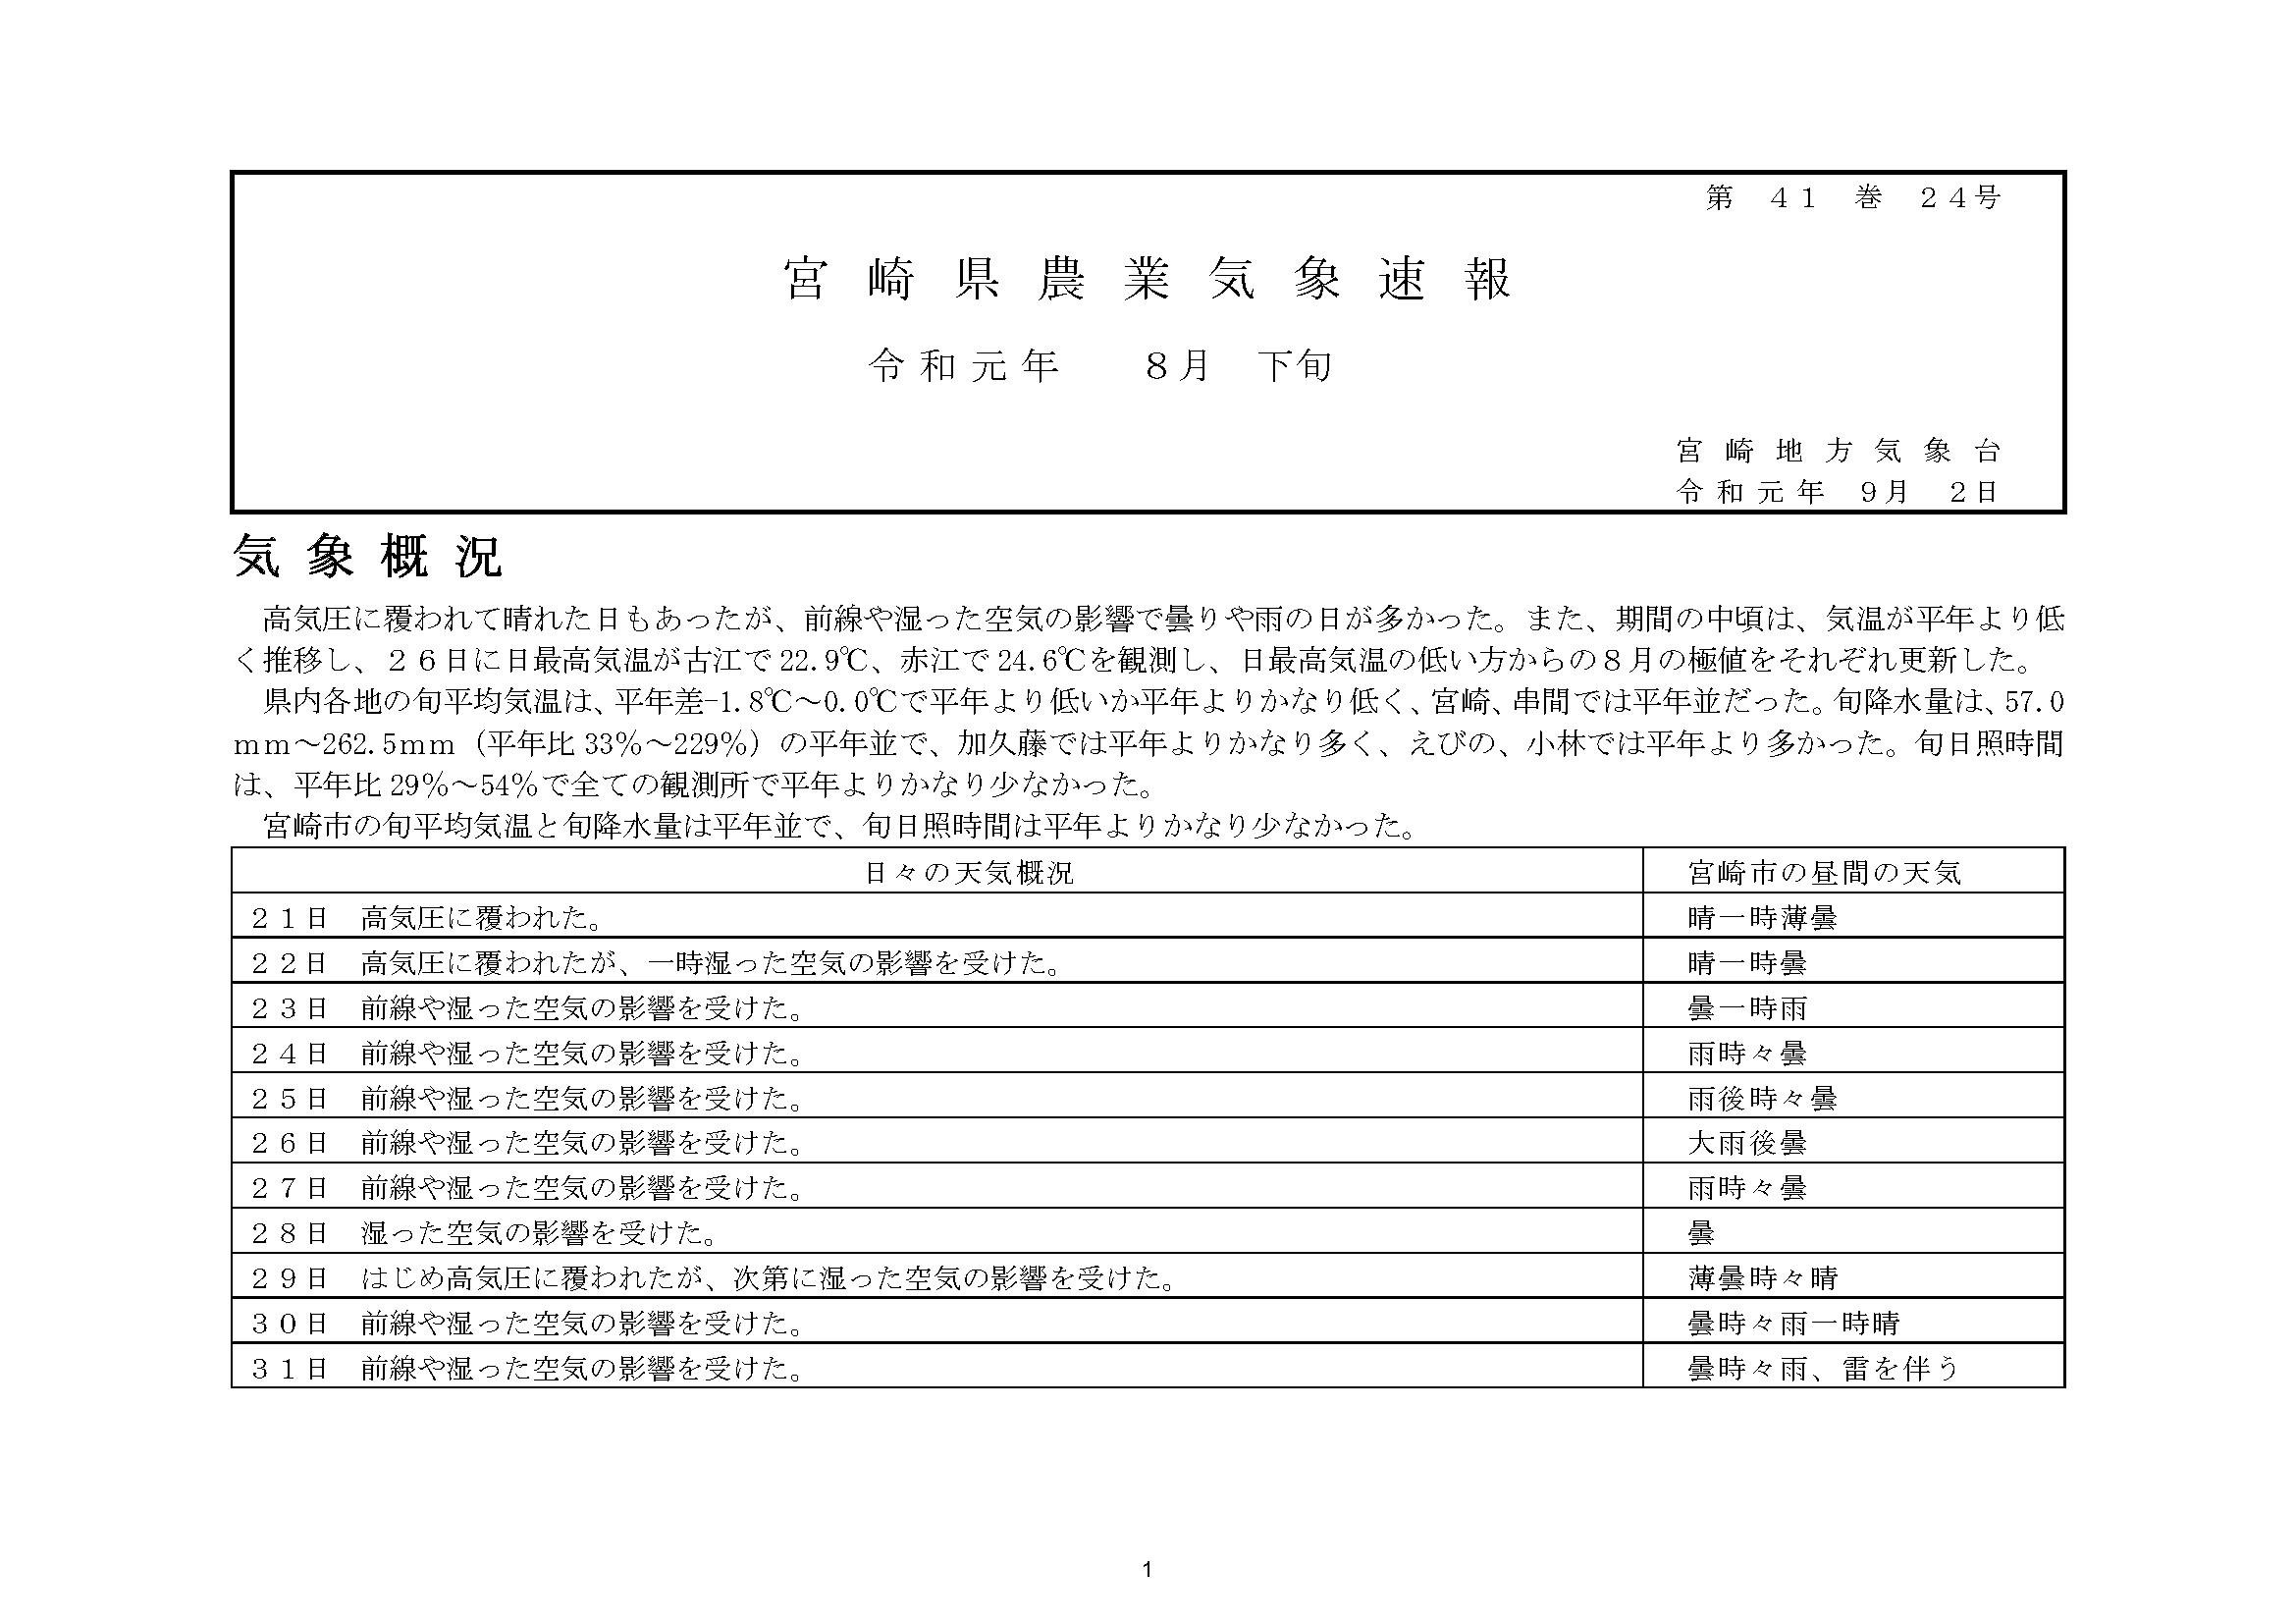 宮崎県農業気象速報令和元年8月下旬PDF